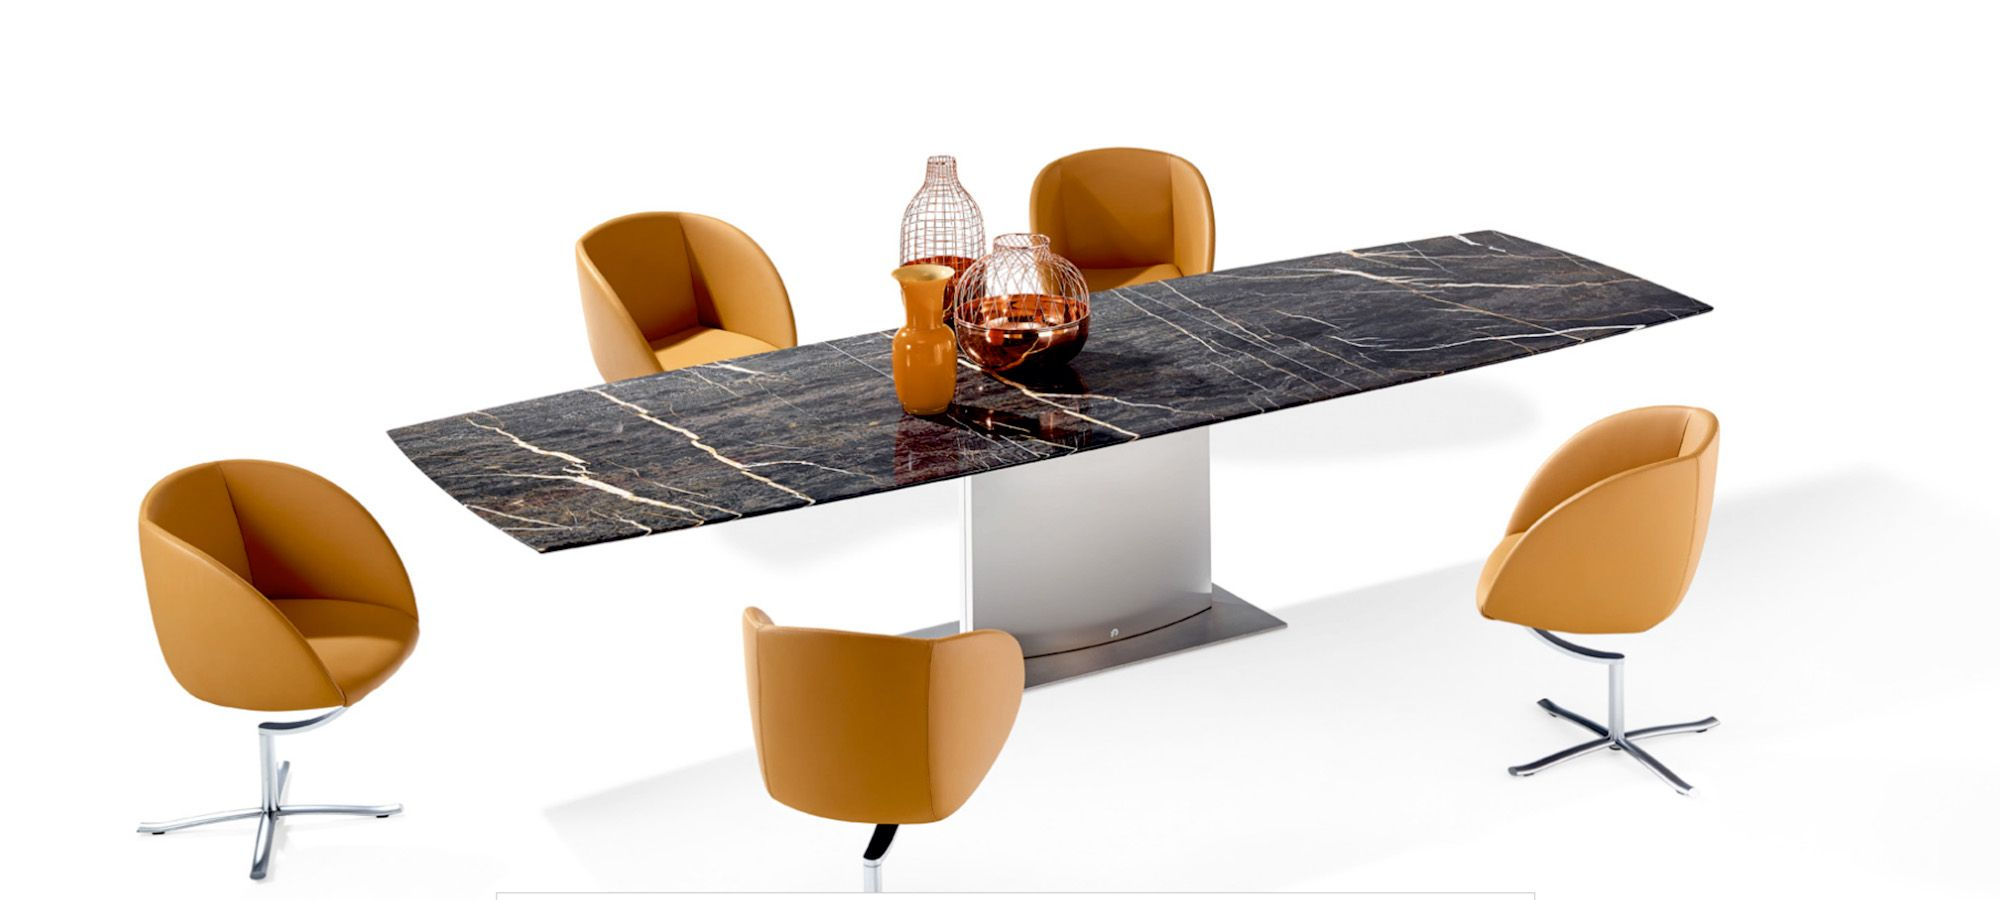 Als Möbelmanufaktur Fertigen Wir In Eigenen Werkstätten Exklusive  Designmöbel. Esstische, Couchtische, Beistelltische Und Stühle Bilden Den  Schwerpunkt ...